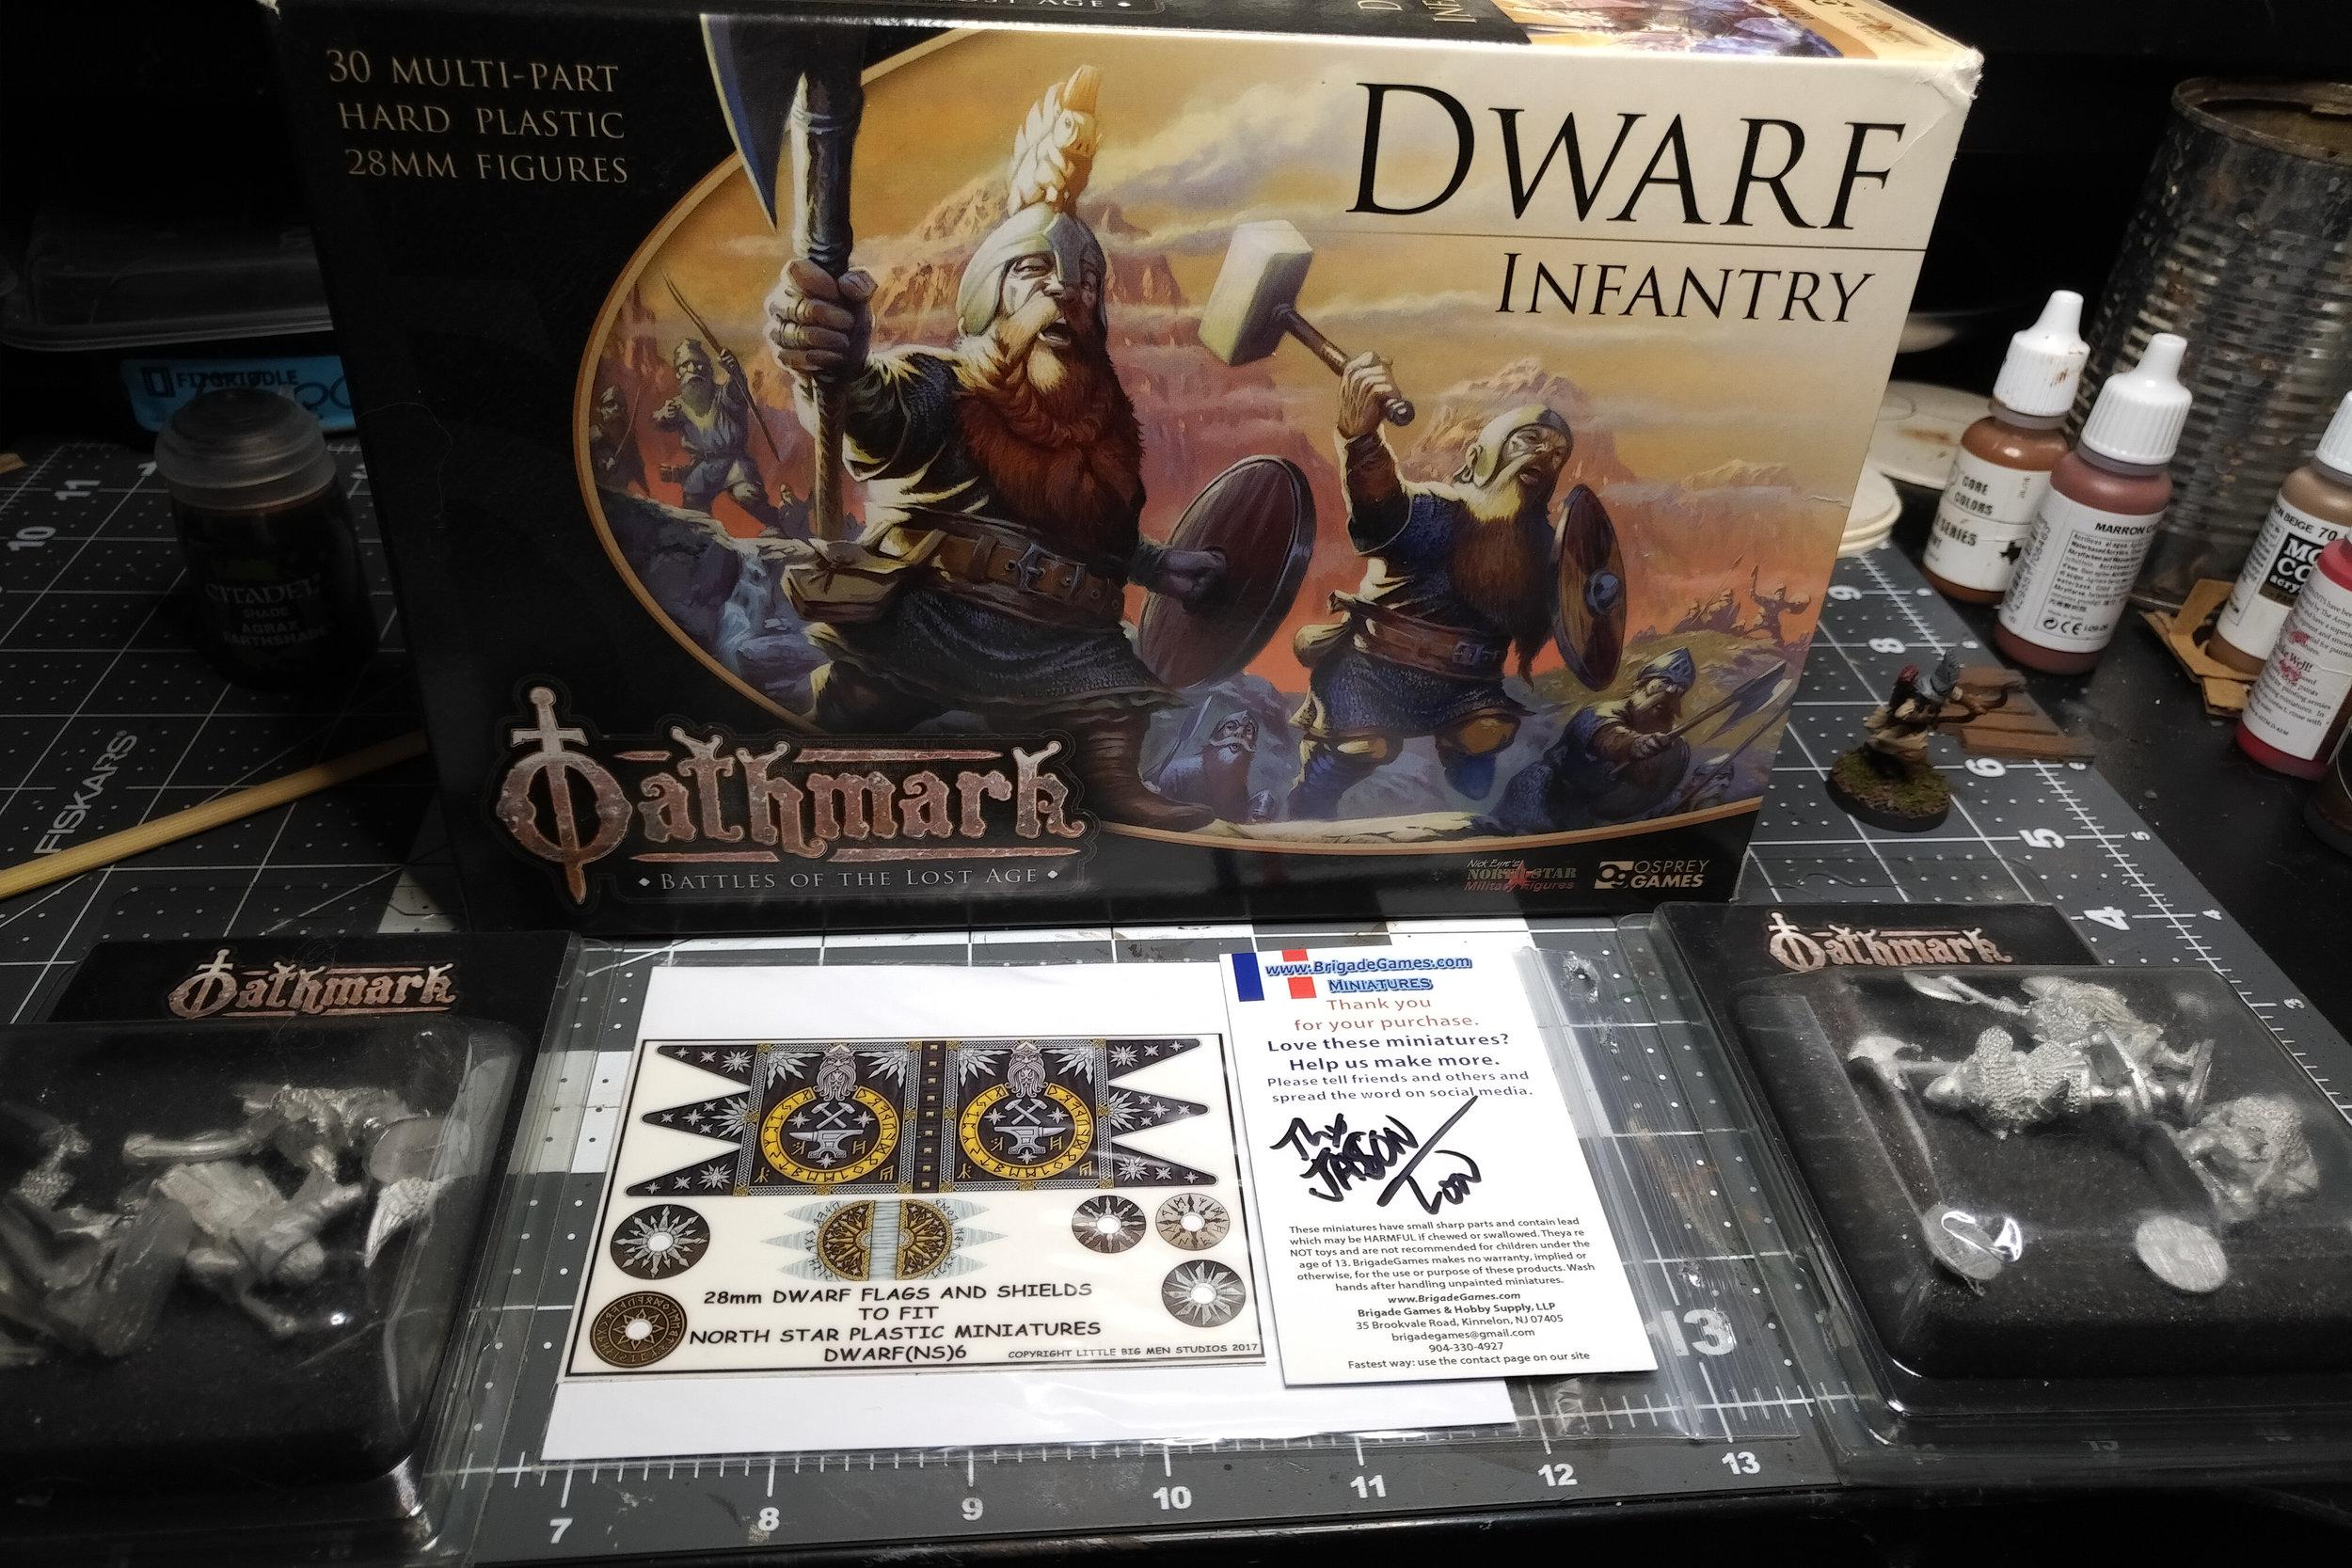 Oathmark: Dwarf Infantry -